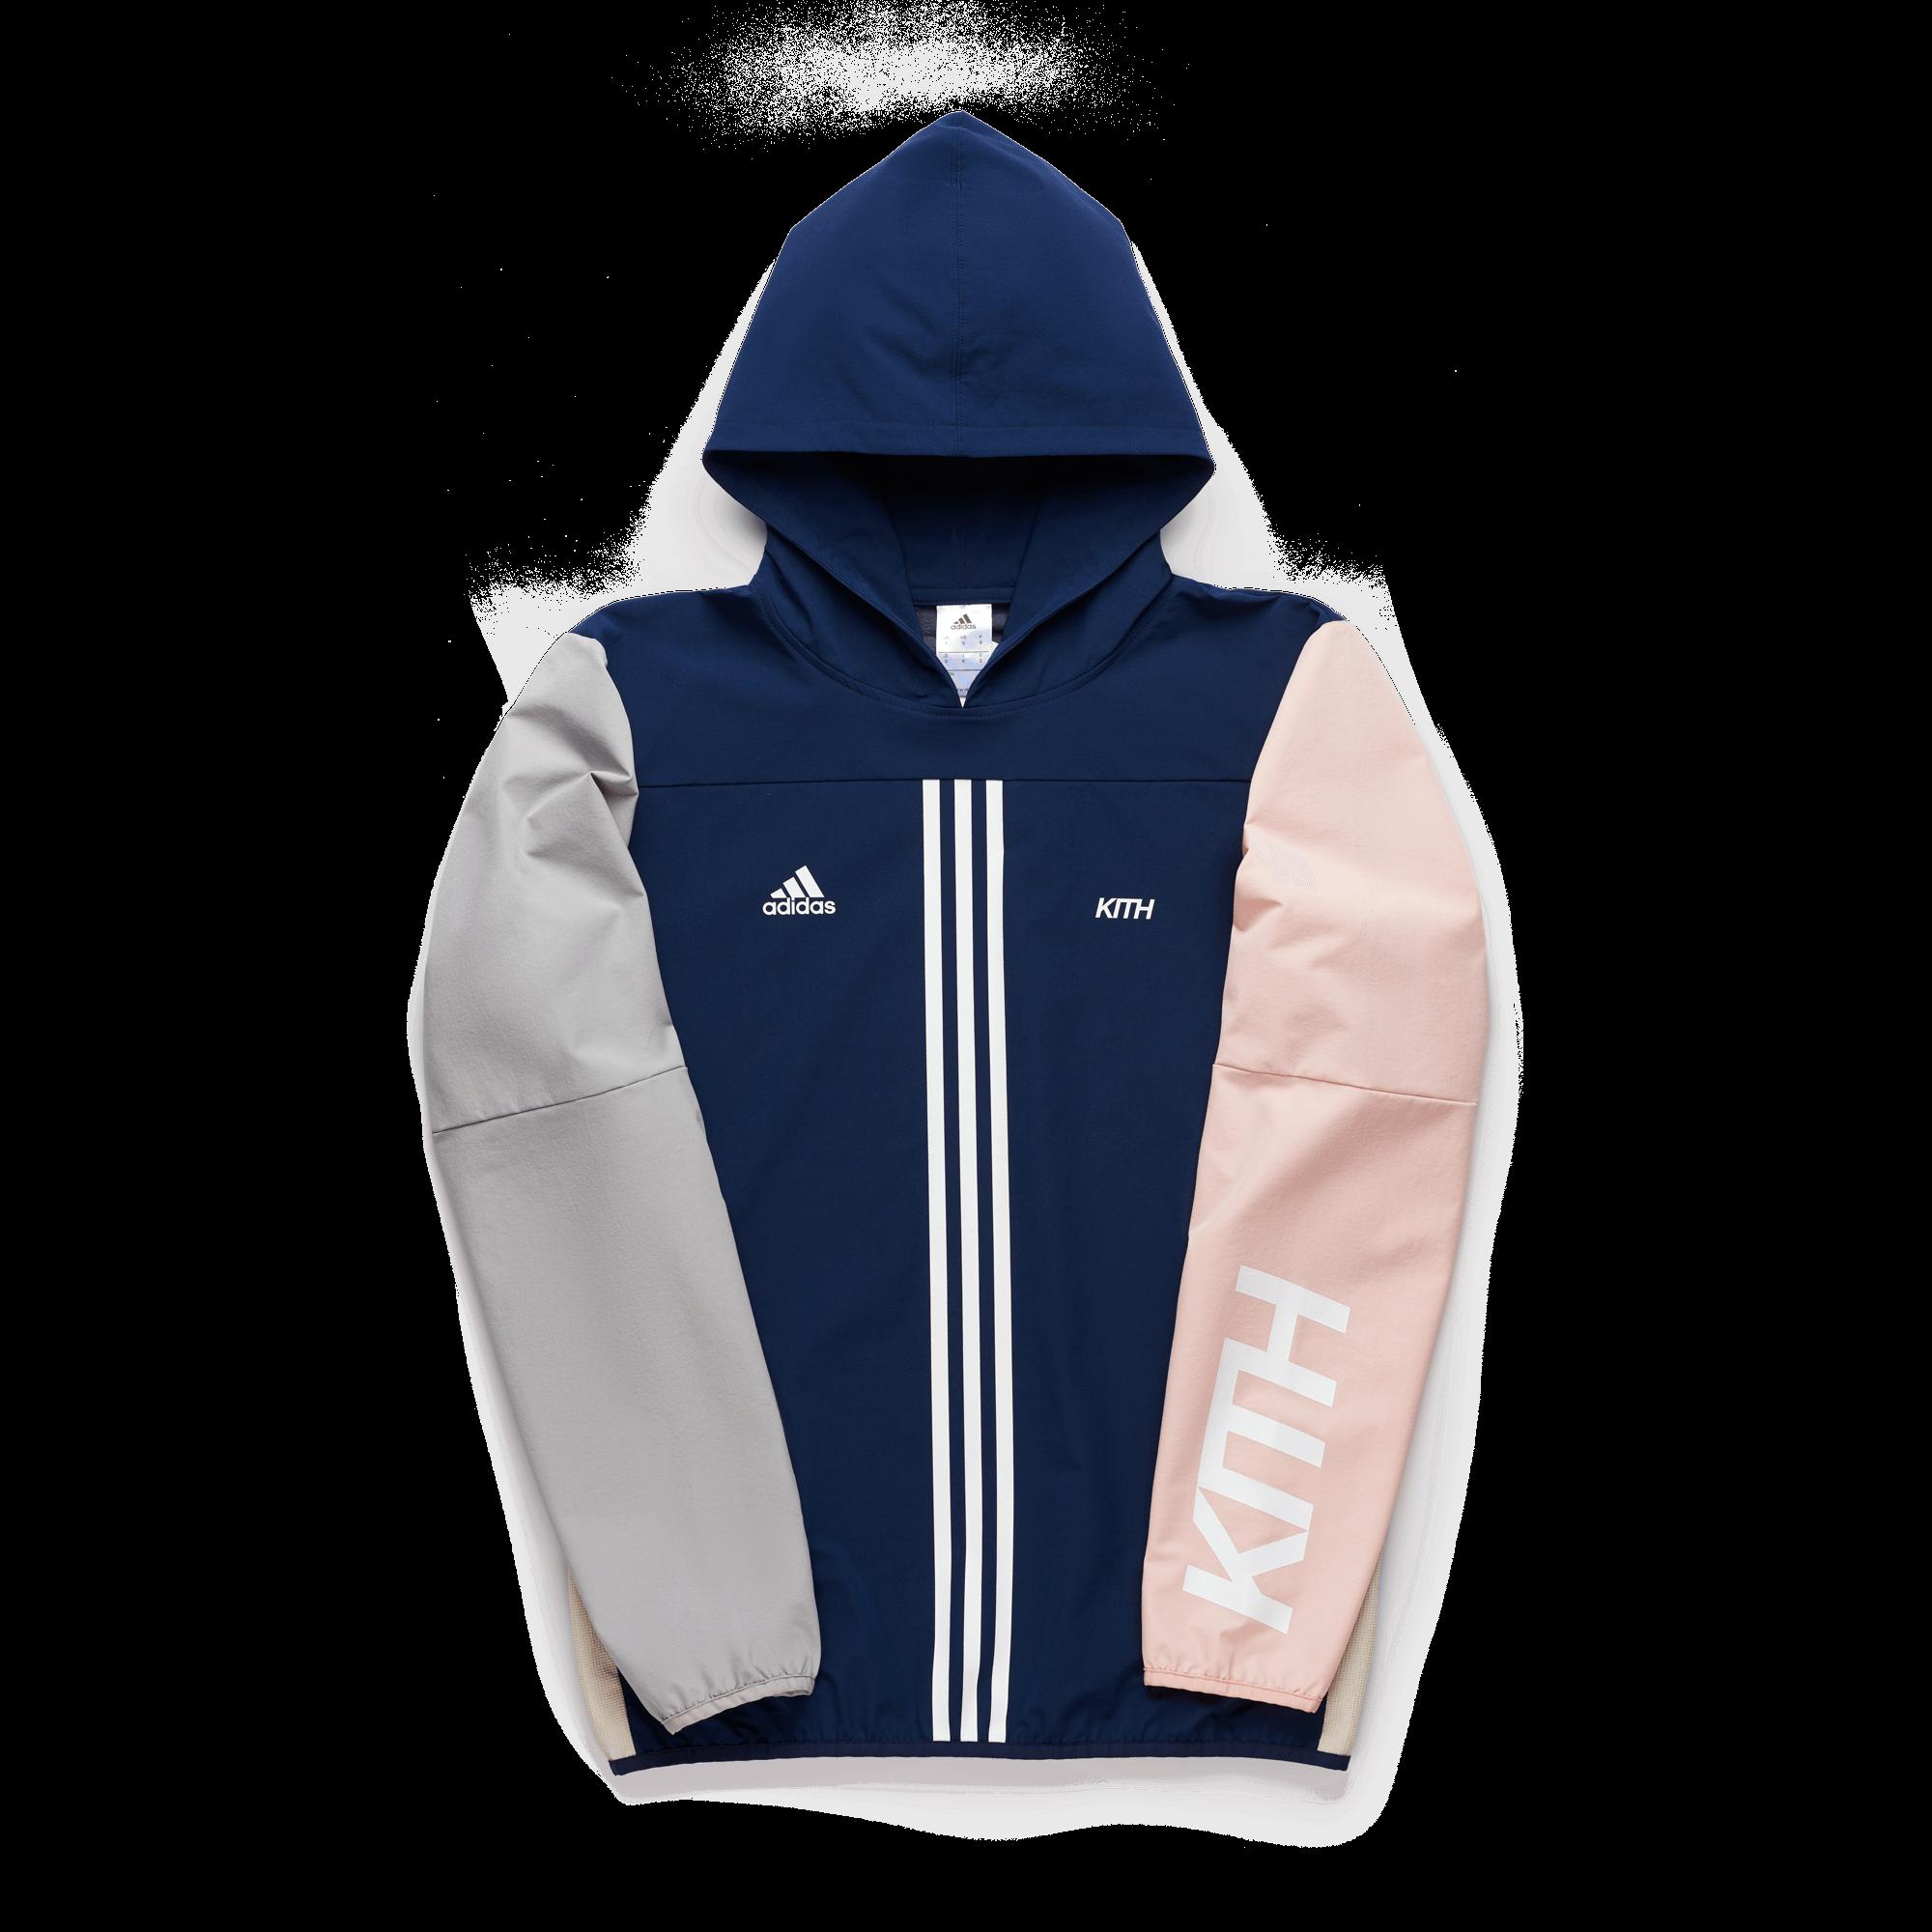 kith_flamingo_jacket_adidas_2000px.png